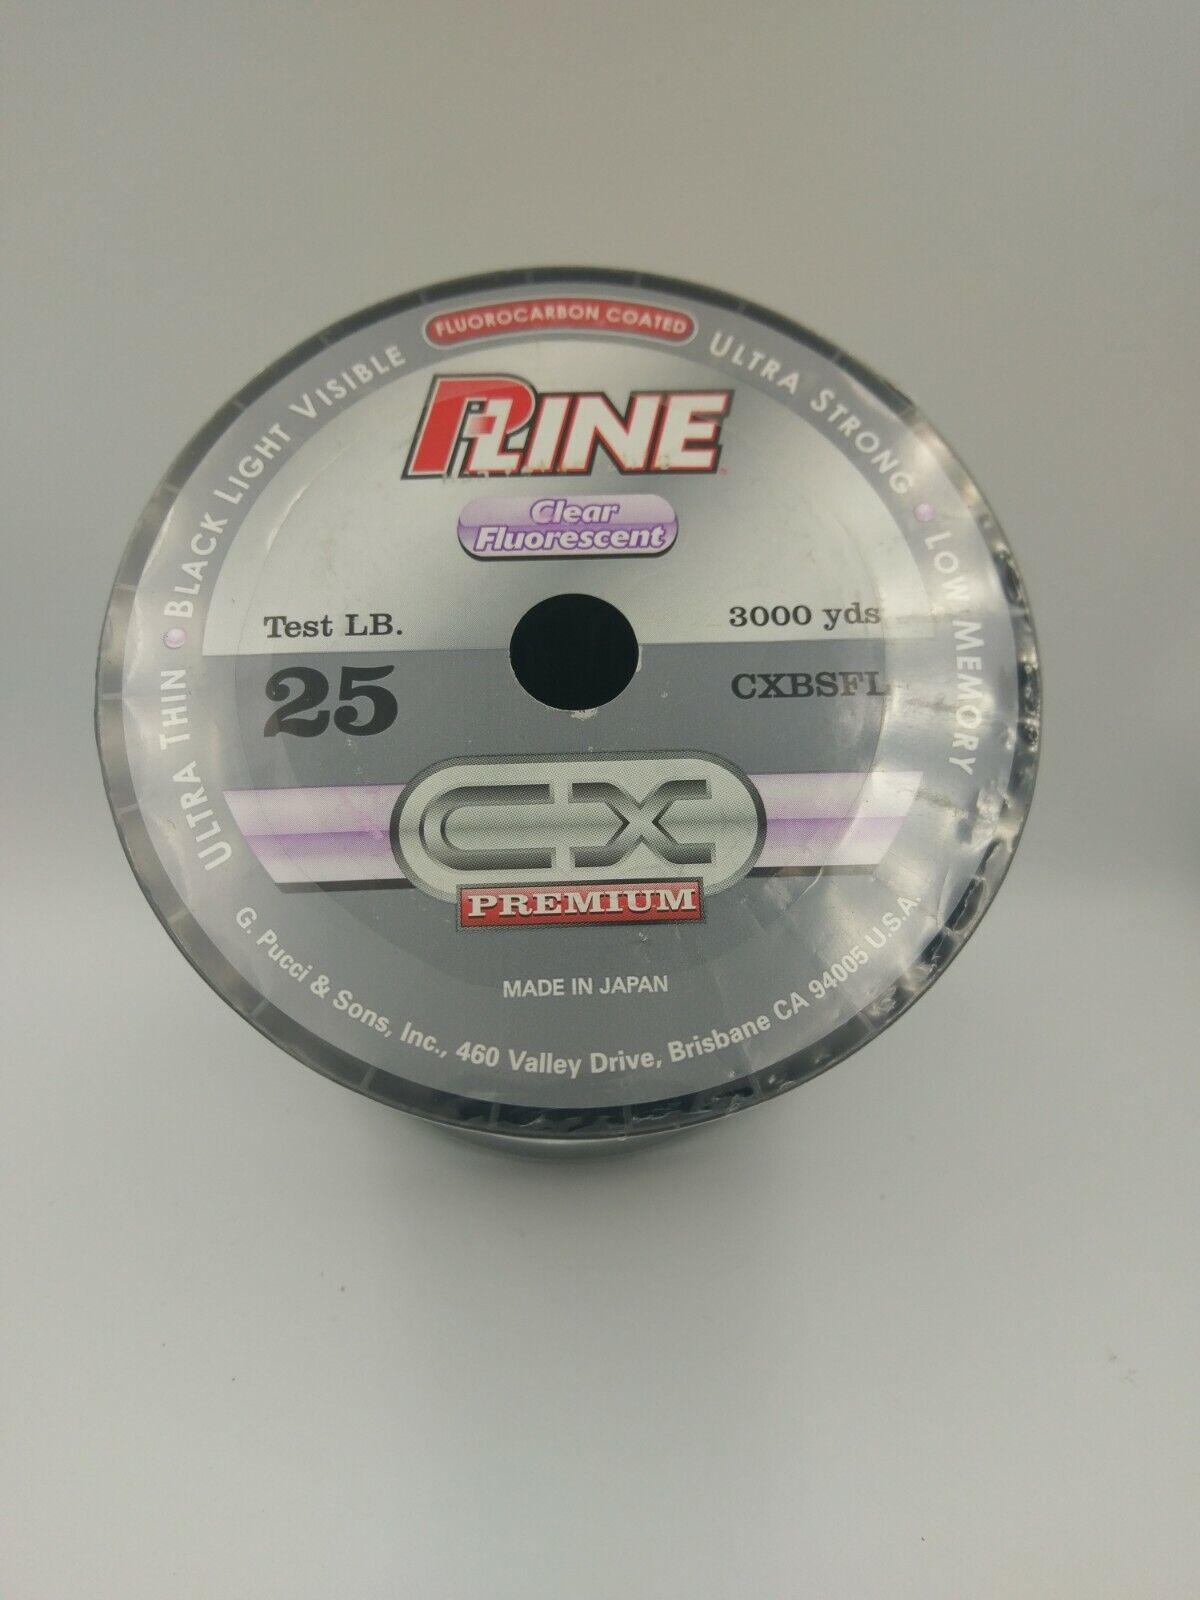 PLine CX Clear Fluorescent 25lb 3000yds Flugoldcarbon Coated